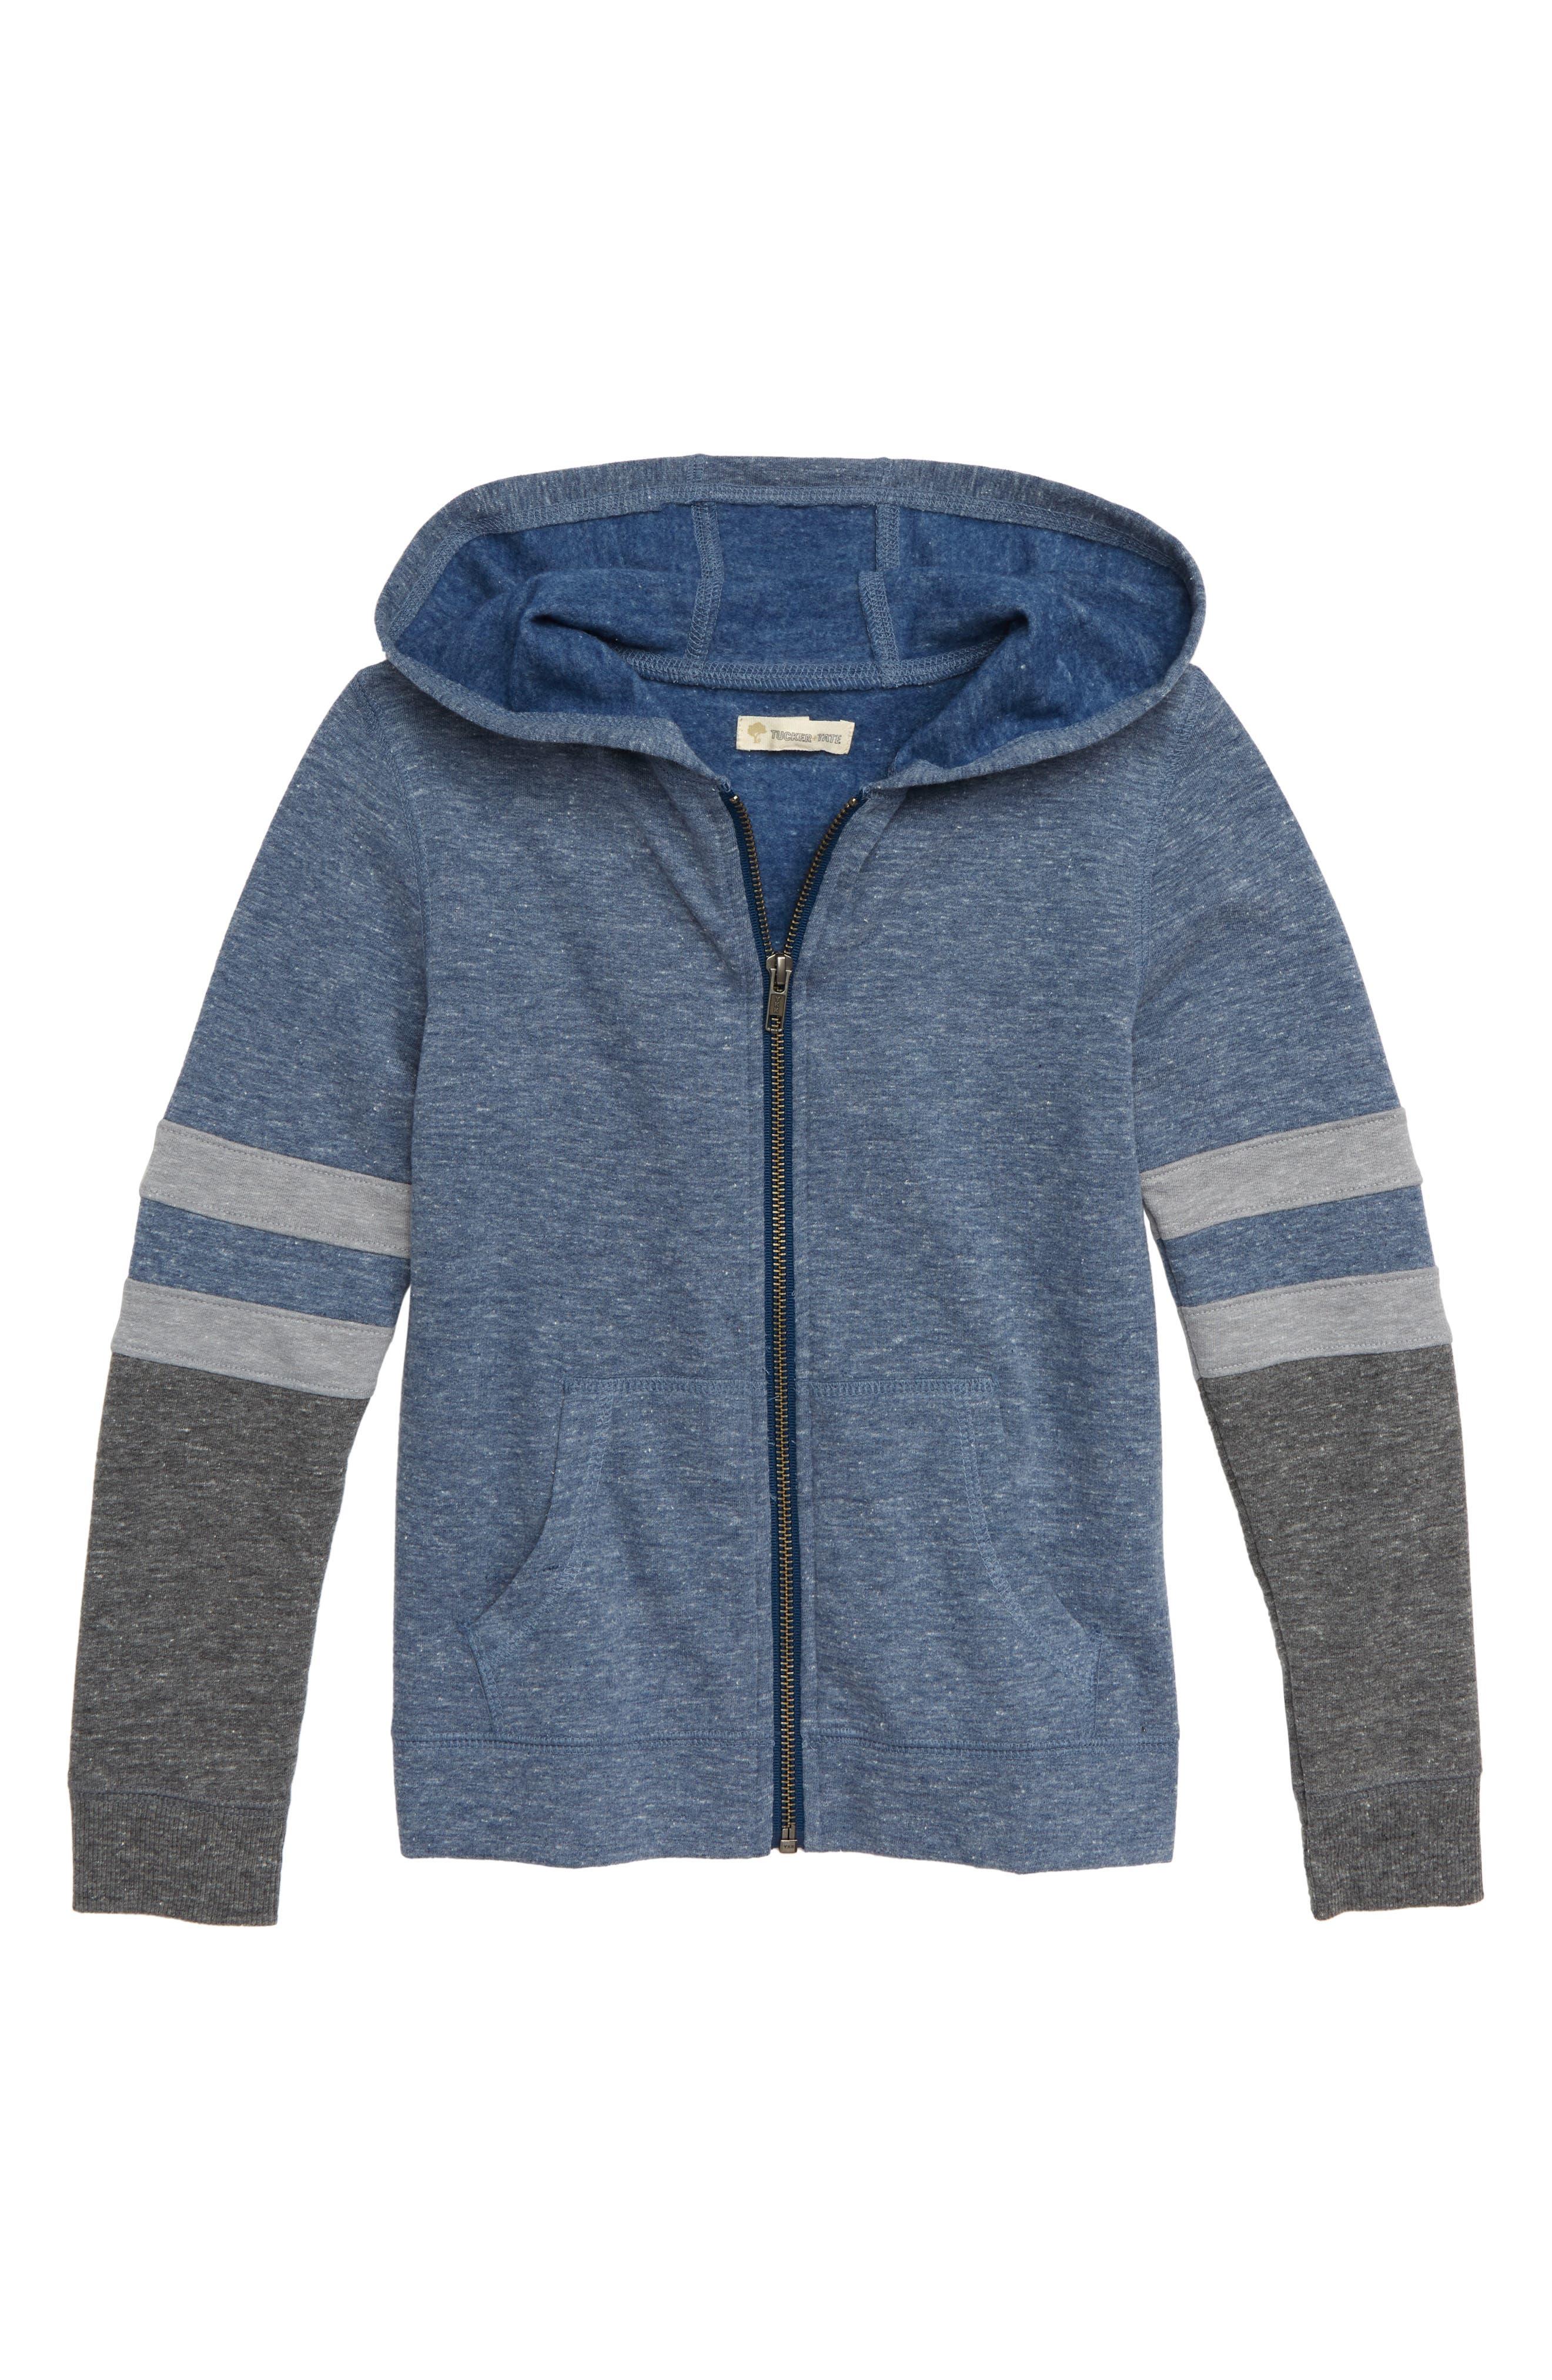 Colorblock Zip Crew Sweatshirt,                         Main,                         color, NAVY DENIM